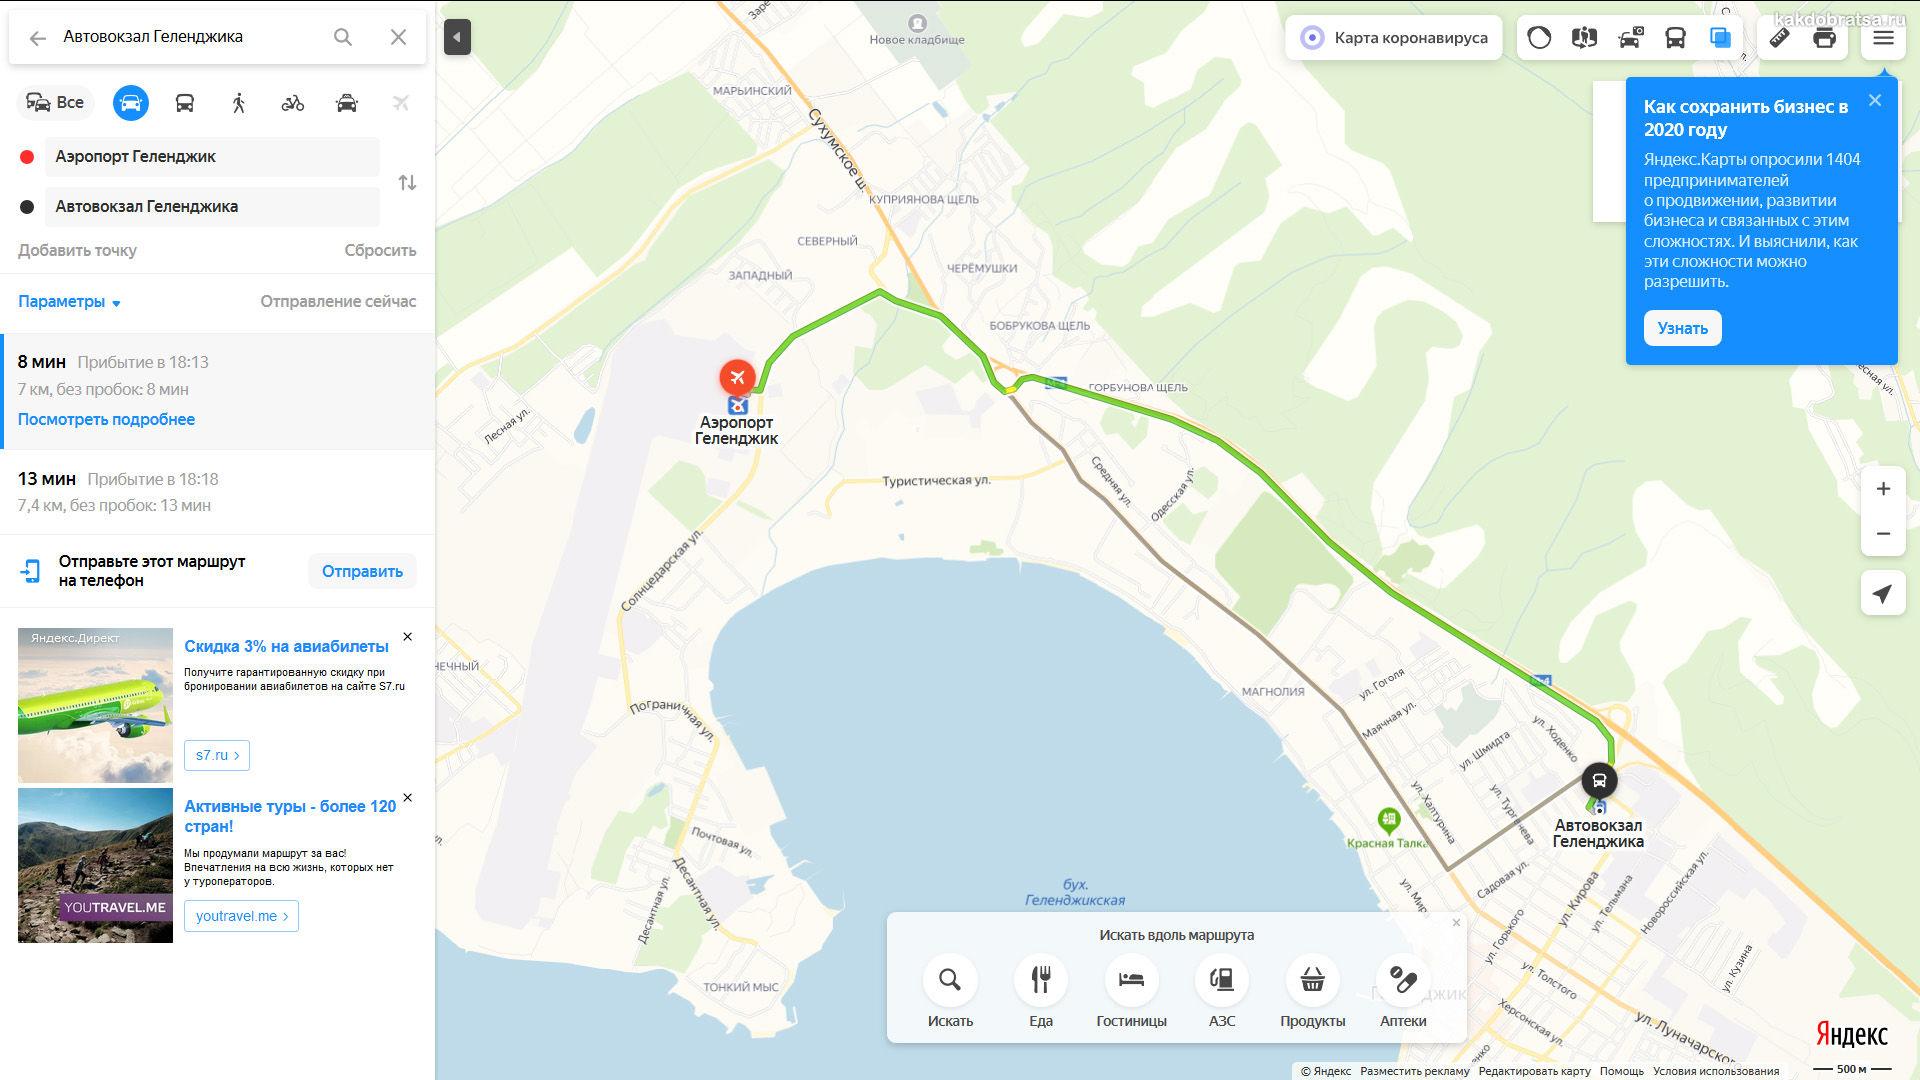 Где находится автовокзал Геленджика и как добраться до аэропорта